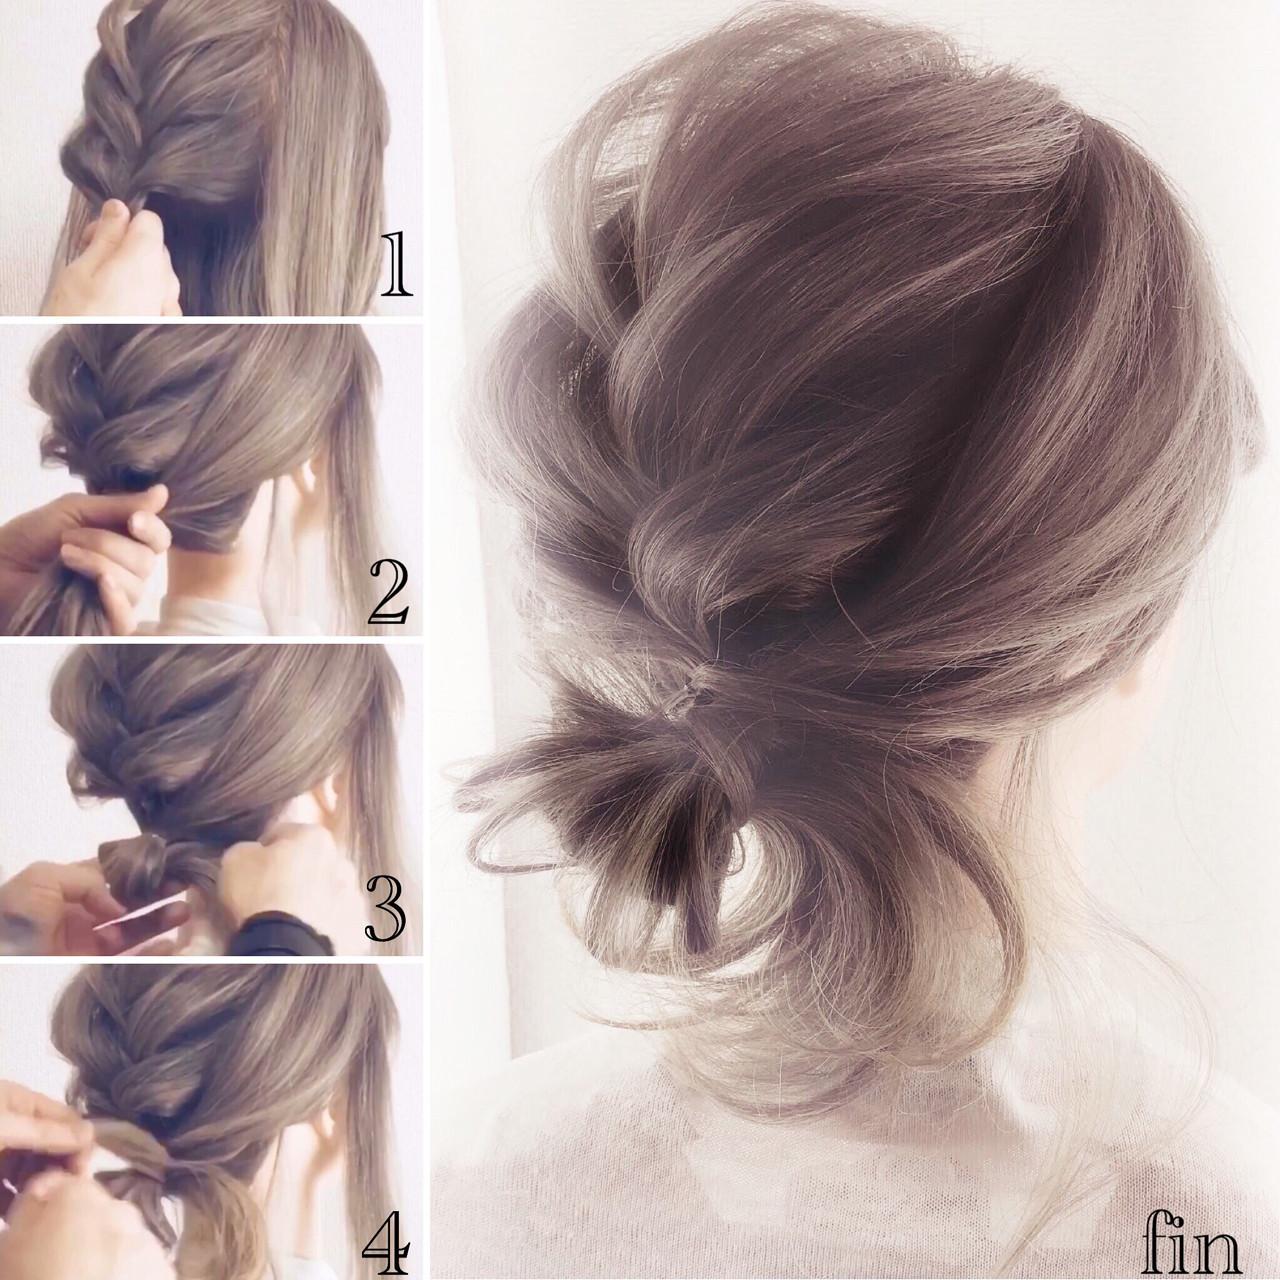 ナチュラル ロング 簡単ヘアアレンジ 女子力 ヘアスタイルや髪型の写真・画像